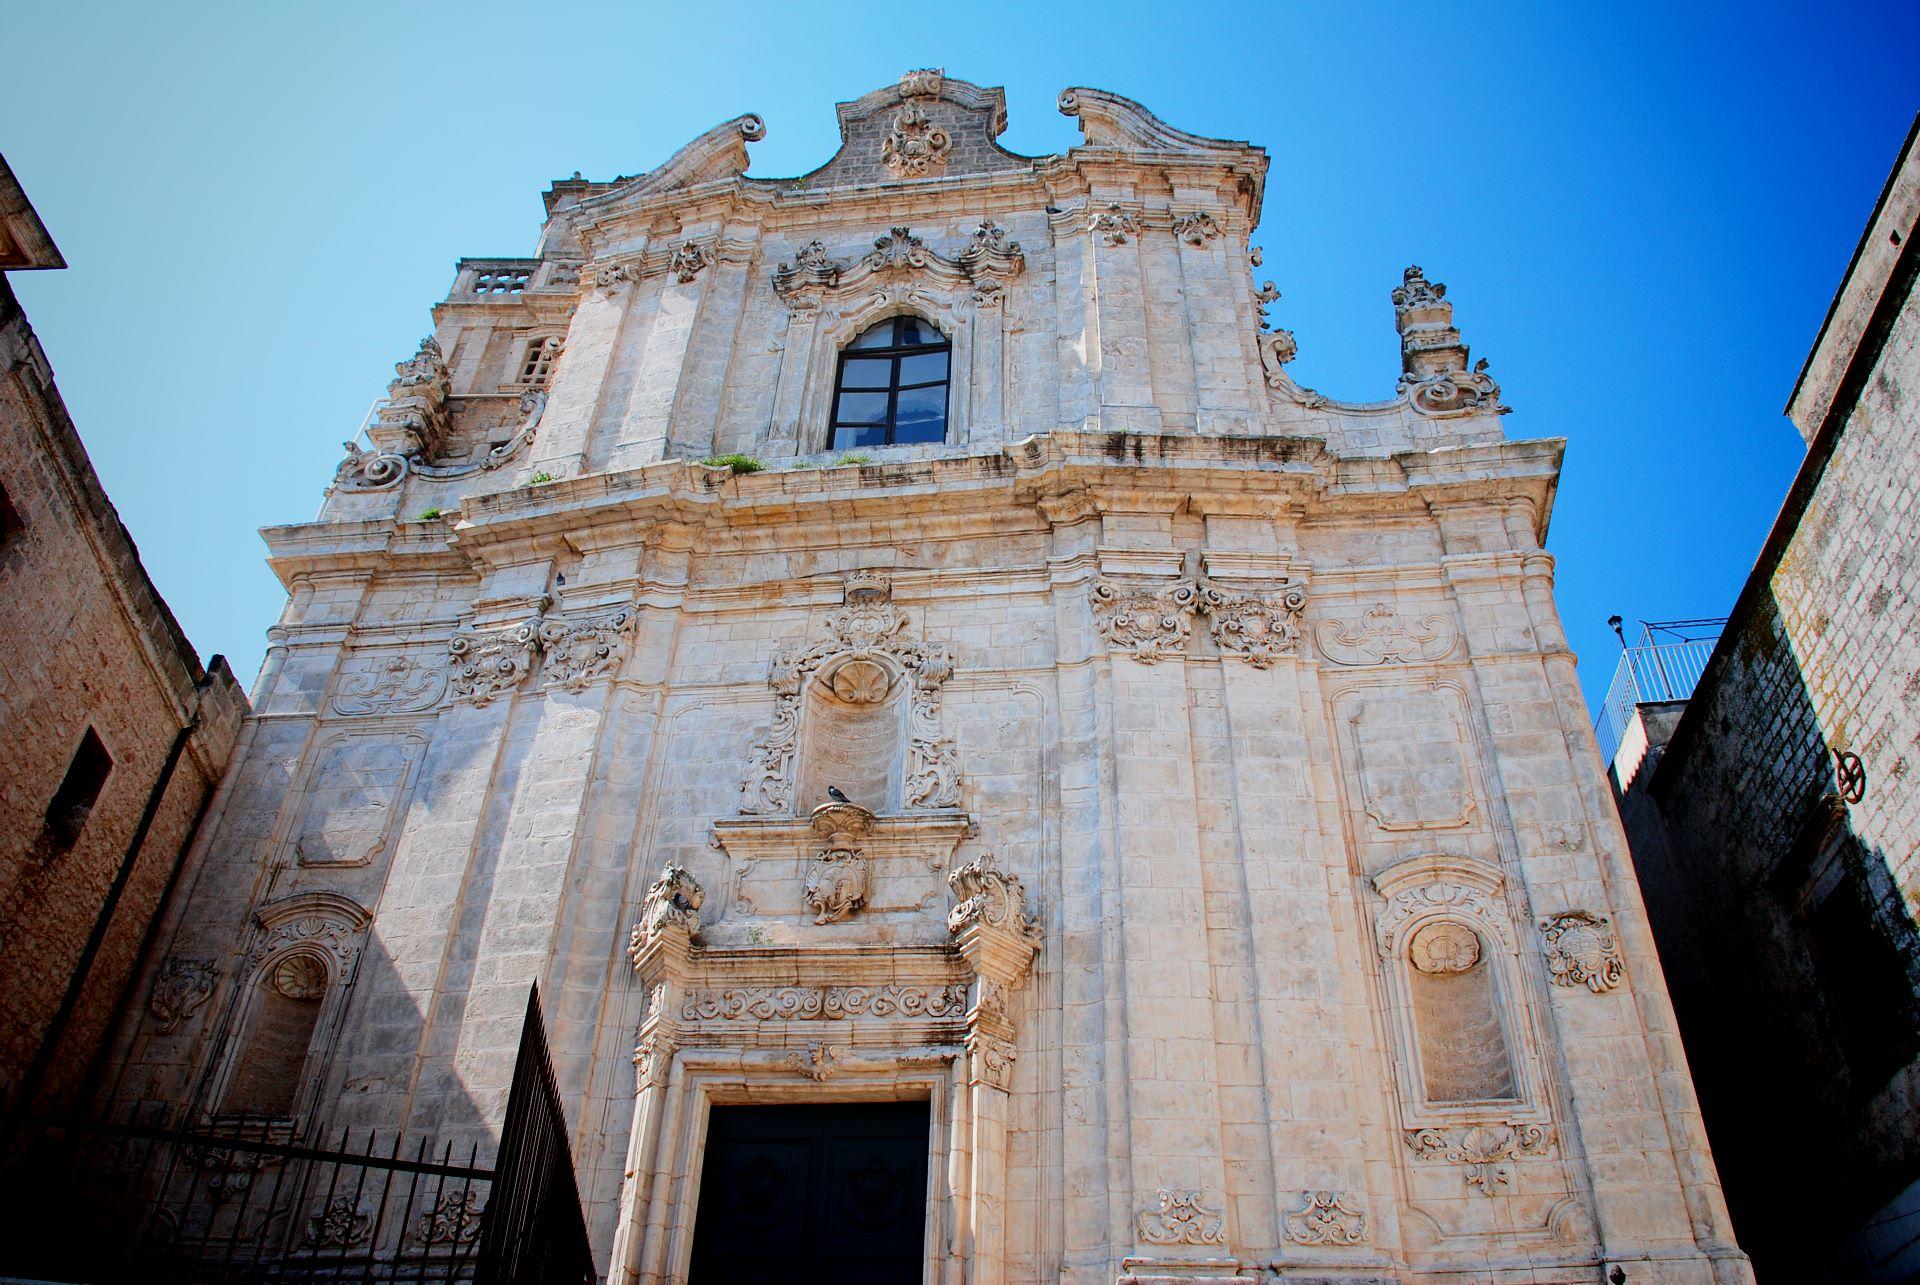 apulia-slow-travel-ostuni-san vito-chiesa-museo-ostuni1-facciata-white city-citta bianca-fassade-rococo-monacelle